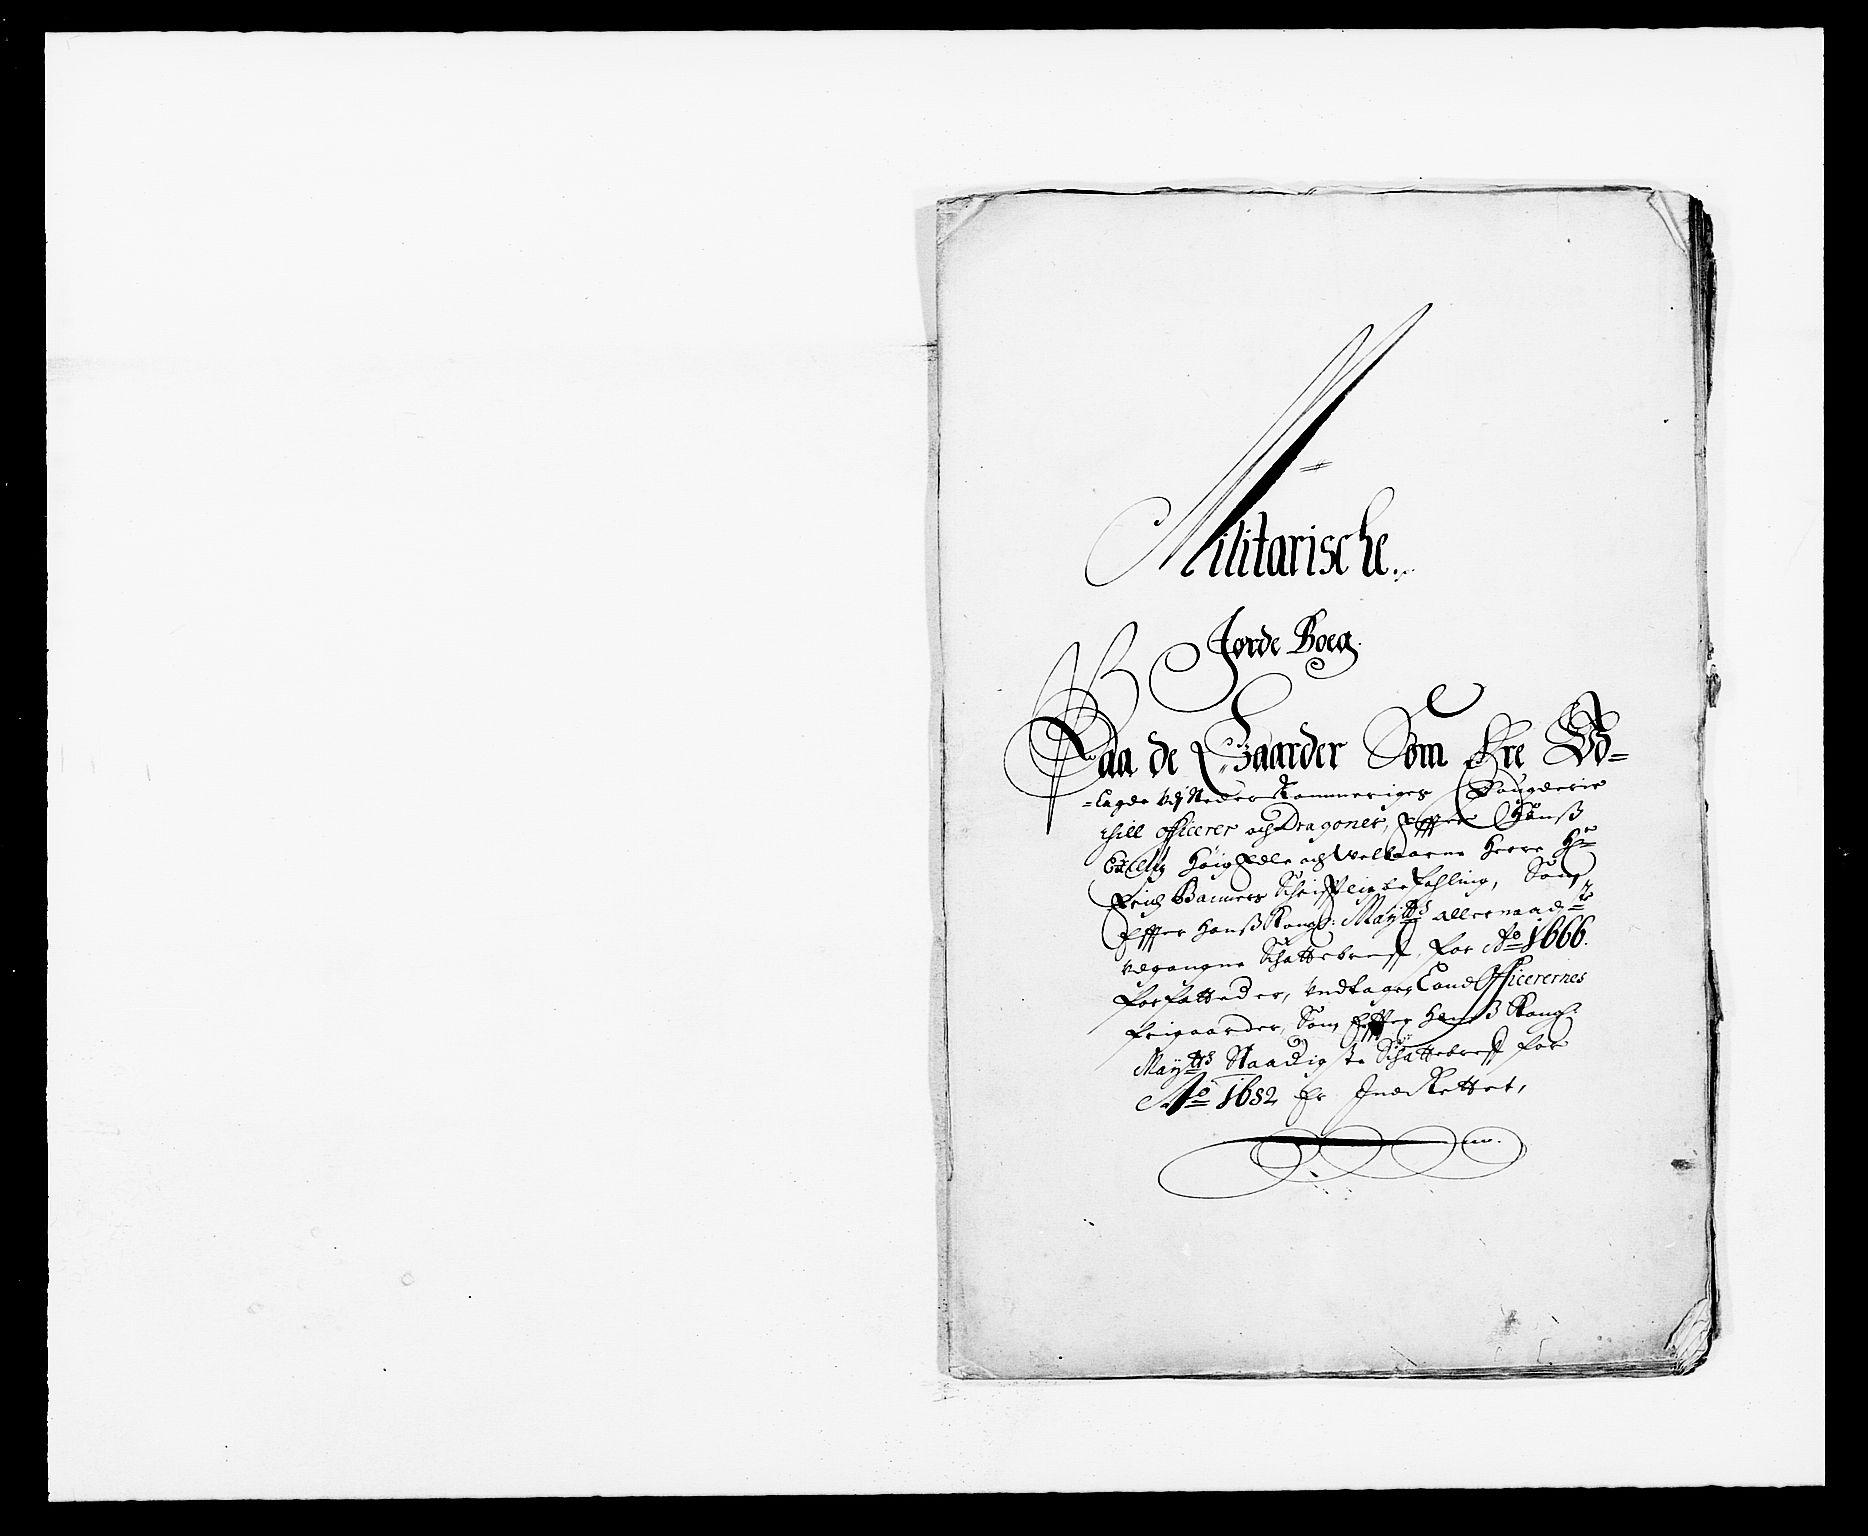 RA, Rentekammeret inntil 1814, Reviderte regnskaper, Fogderegnskap, R11/L0570: Fogderegnskap Nedre Romerike, 1682, s. 265